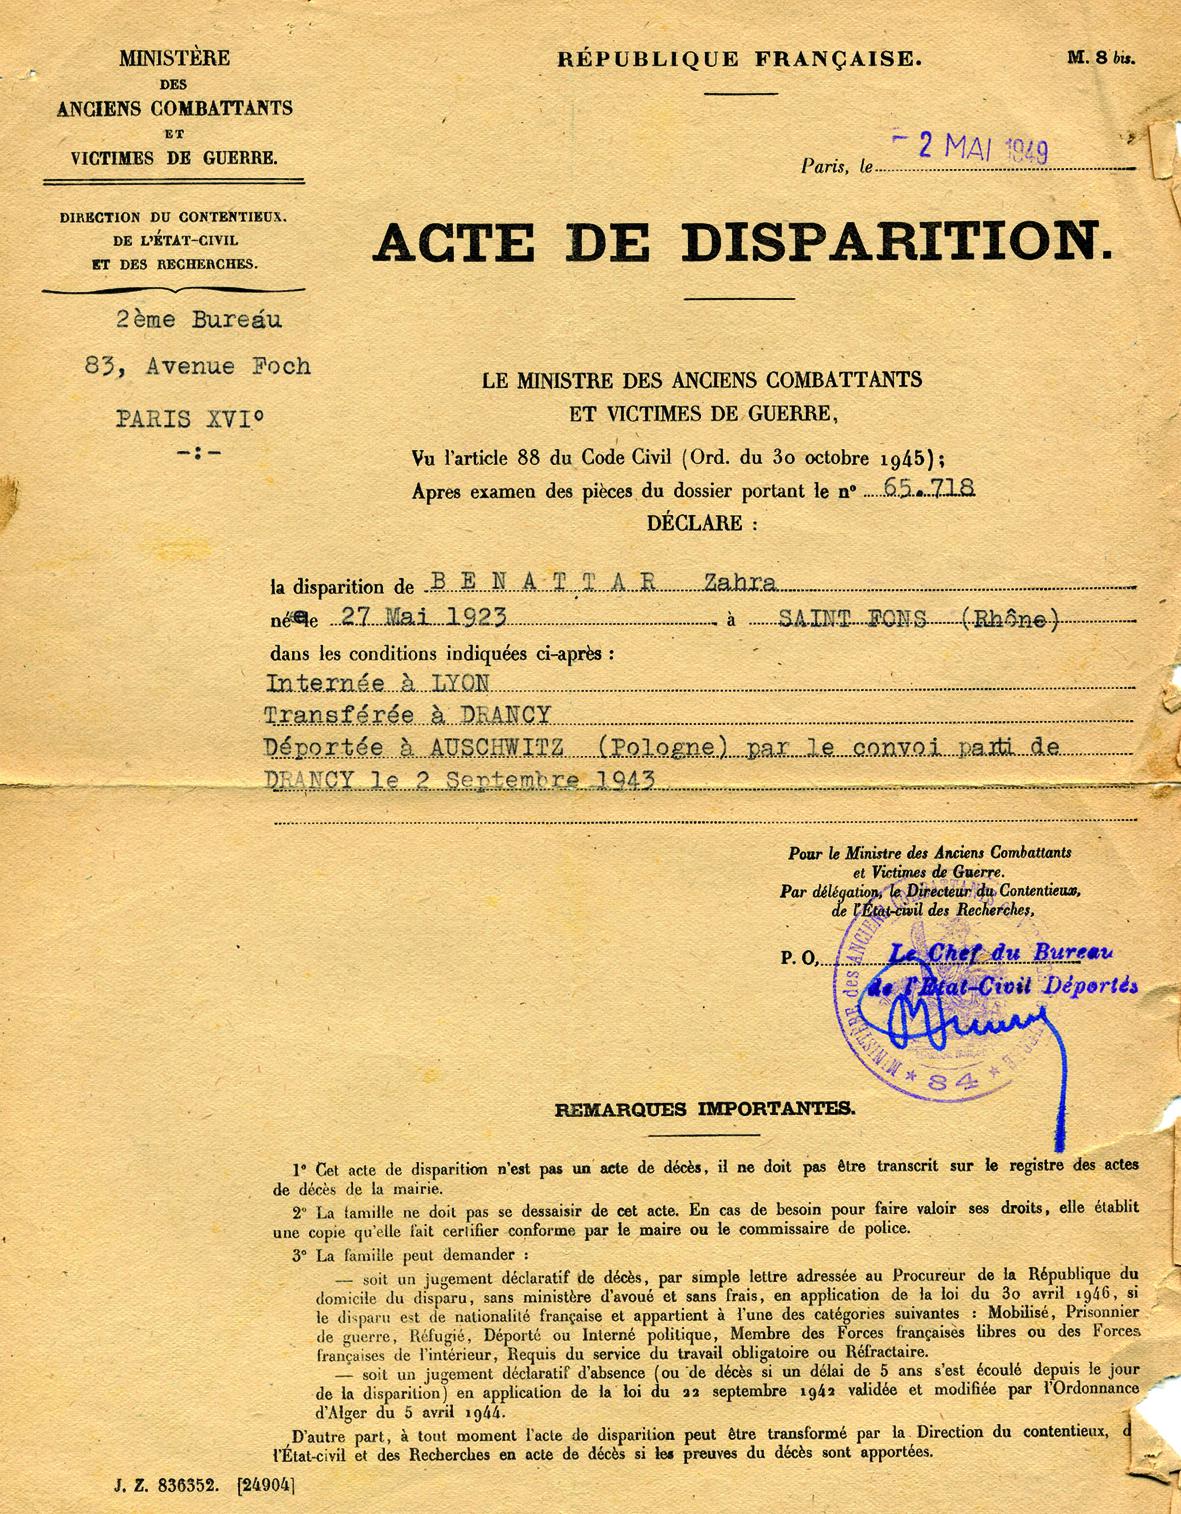 Zahra Benatar Acte de disarition (Document officiel)